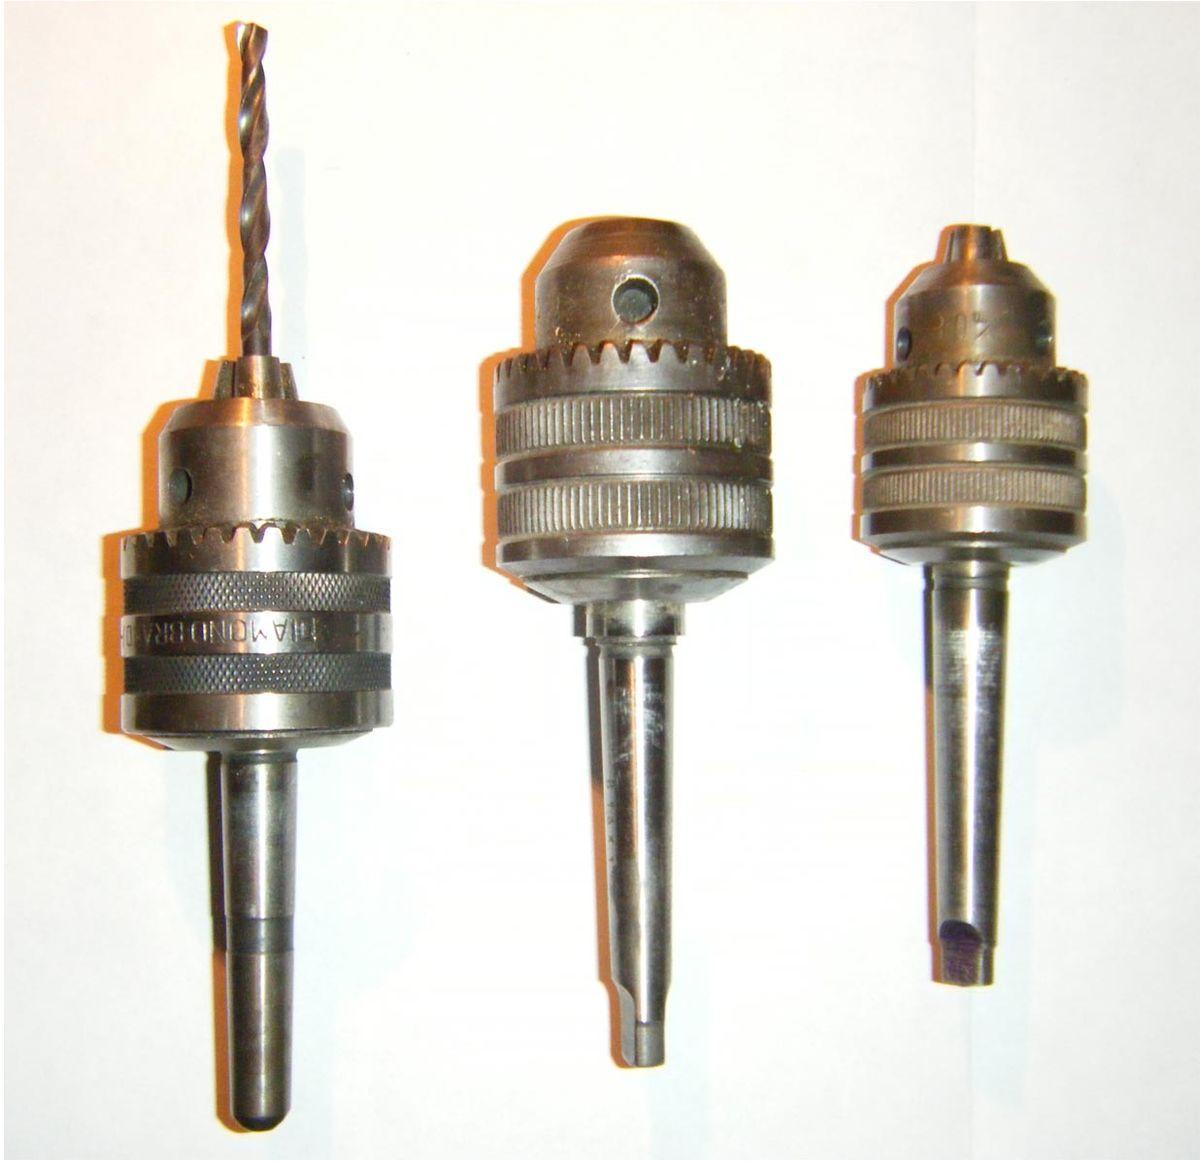 Mandrino wikipedia for Tipi di materiali per tubi idraulici